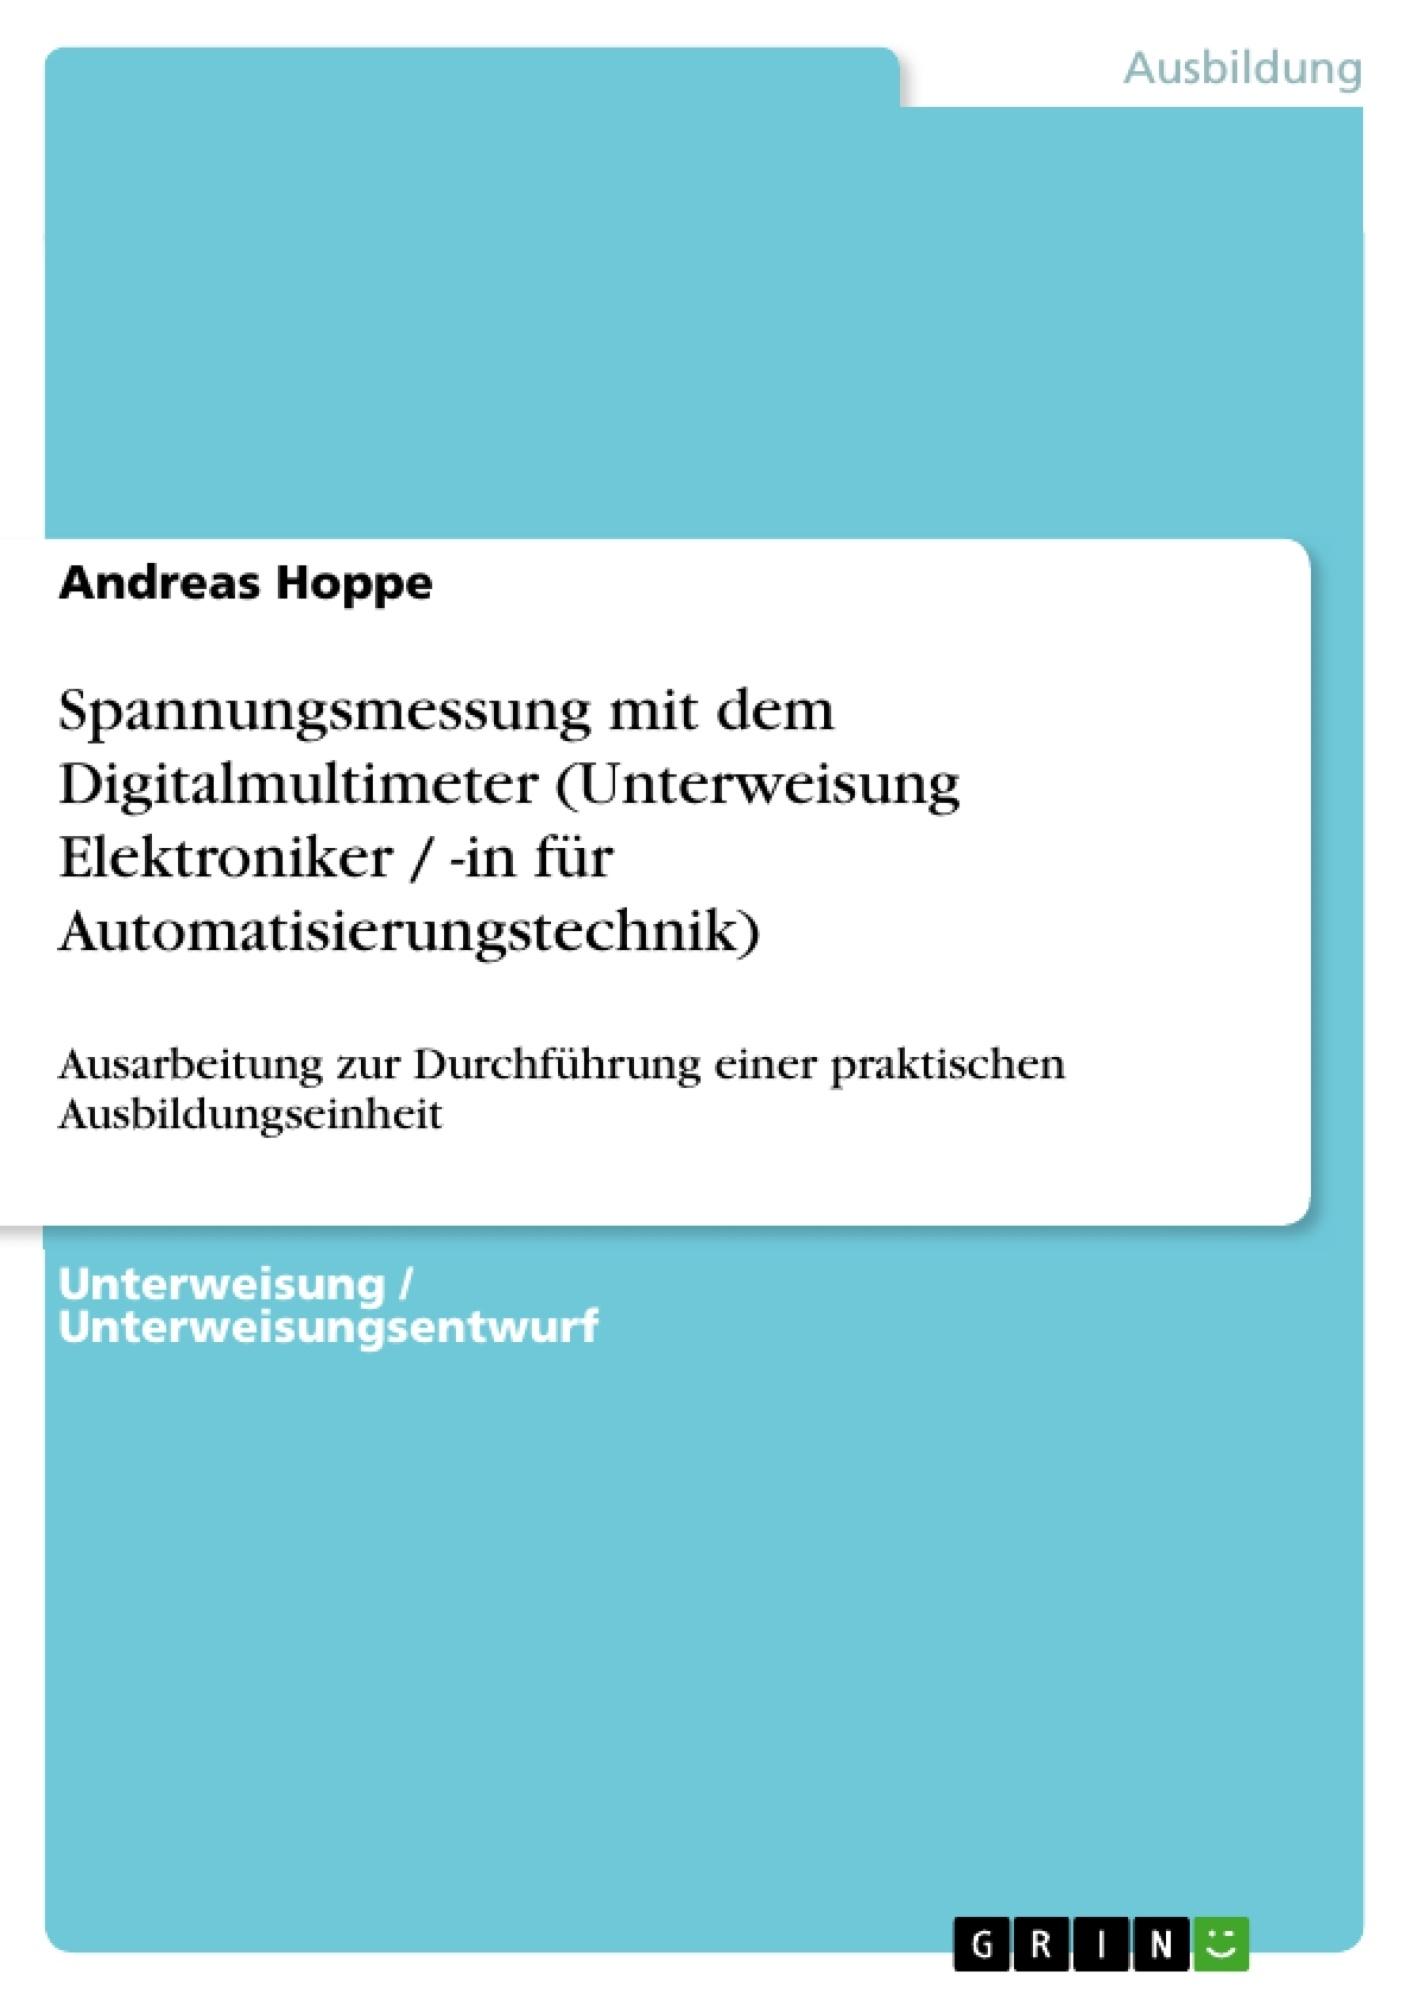 Titel: Spannungsmessung mit dem Digitalmultimeter (Unterweisung Elektroniker / -in für Automatisierungstechnik)